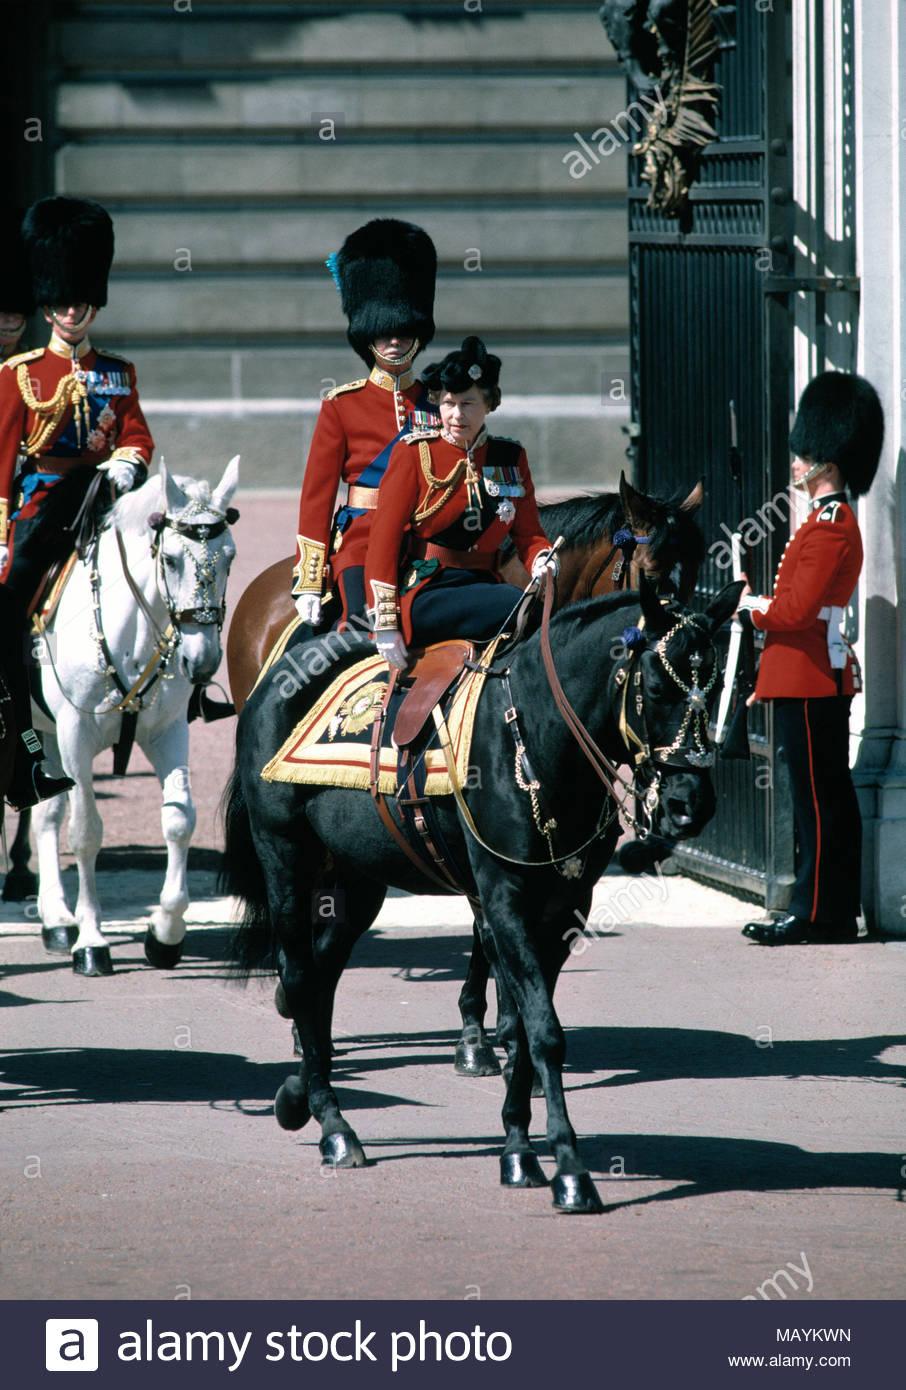 Ihre Majestät, Königin Elisabeth II. in voller Uniform zu Pferd mit den wachen Regiment bei Start in die Farbe. Juni 1986. Stockbild